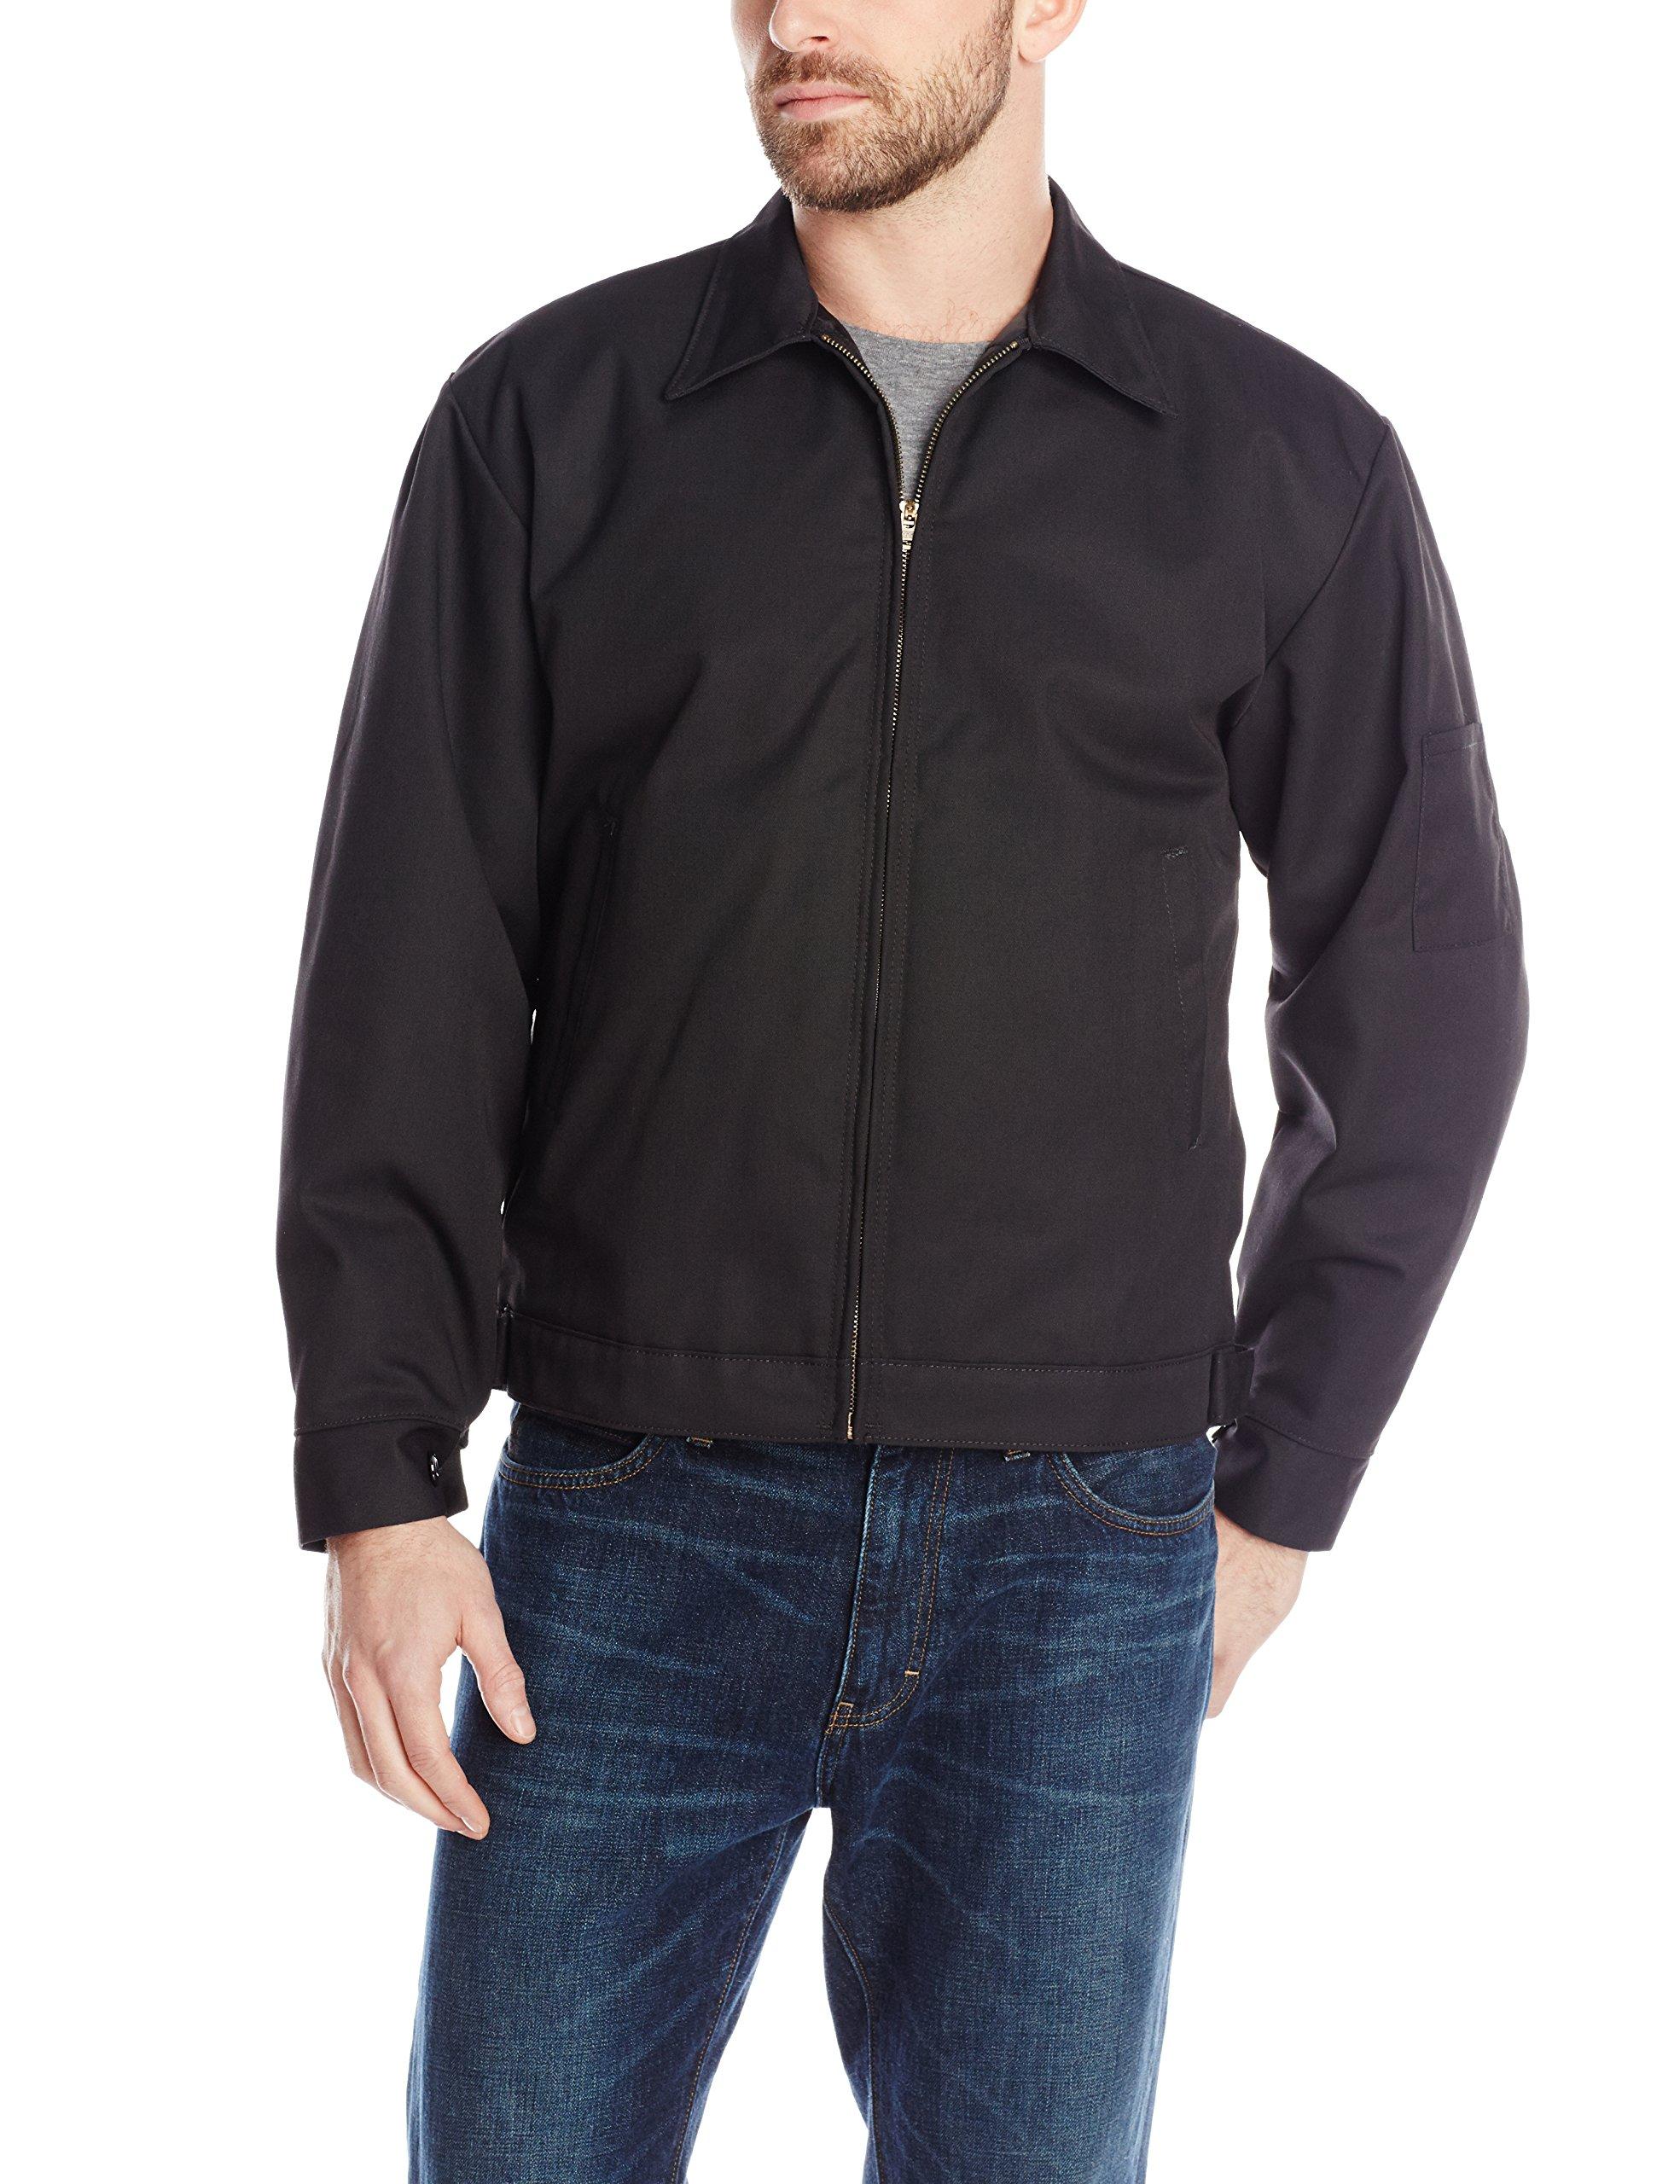 Red Kap Men's Slash Pocket Quilt-Lined Jacket, Black, 3X-Large